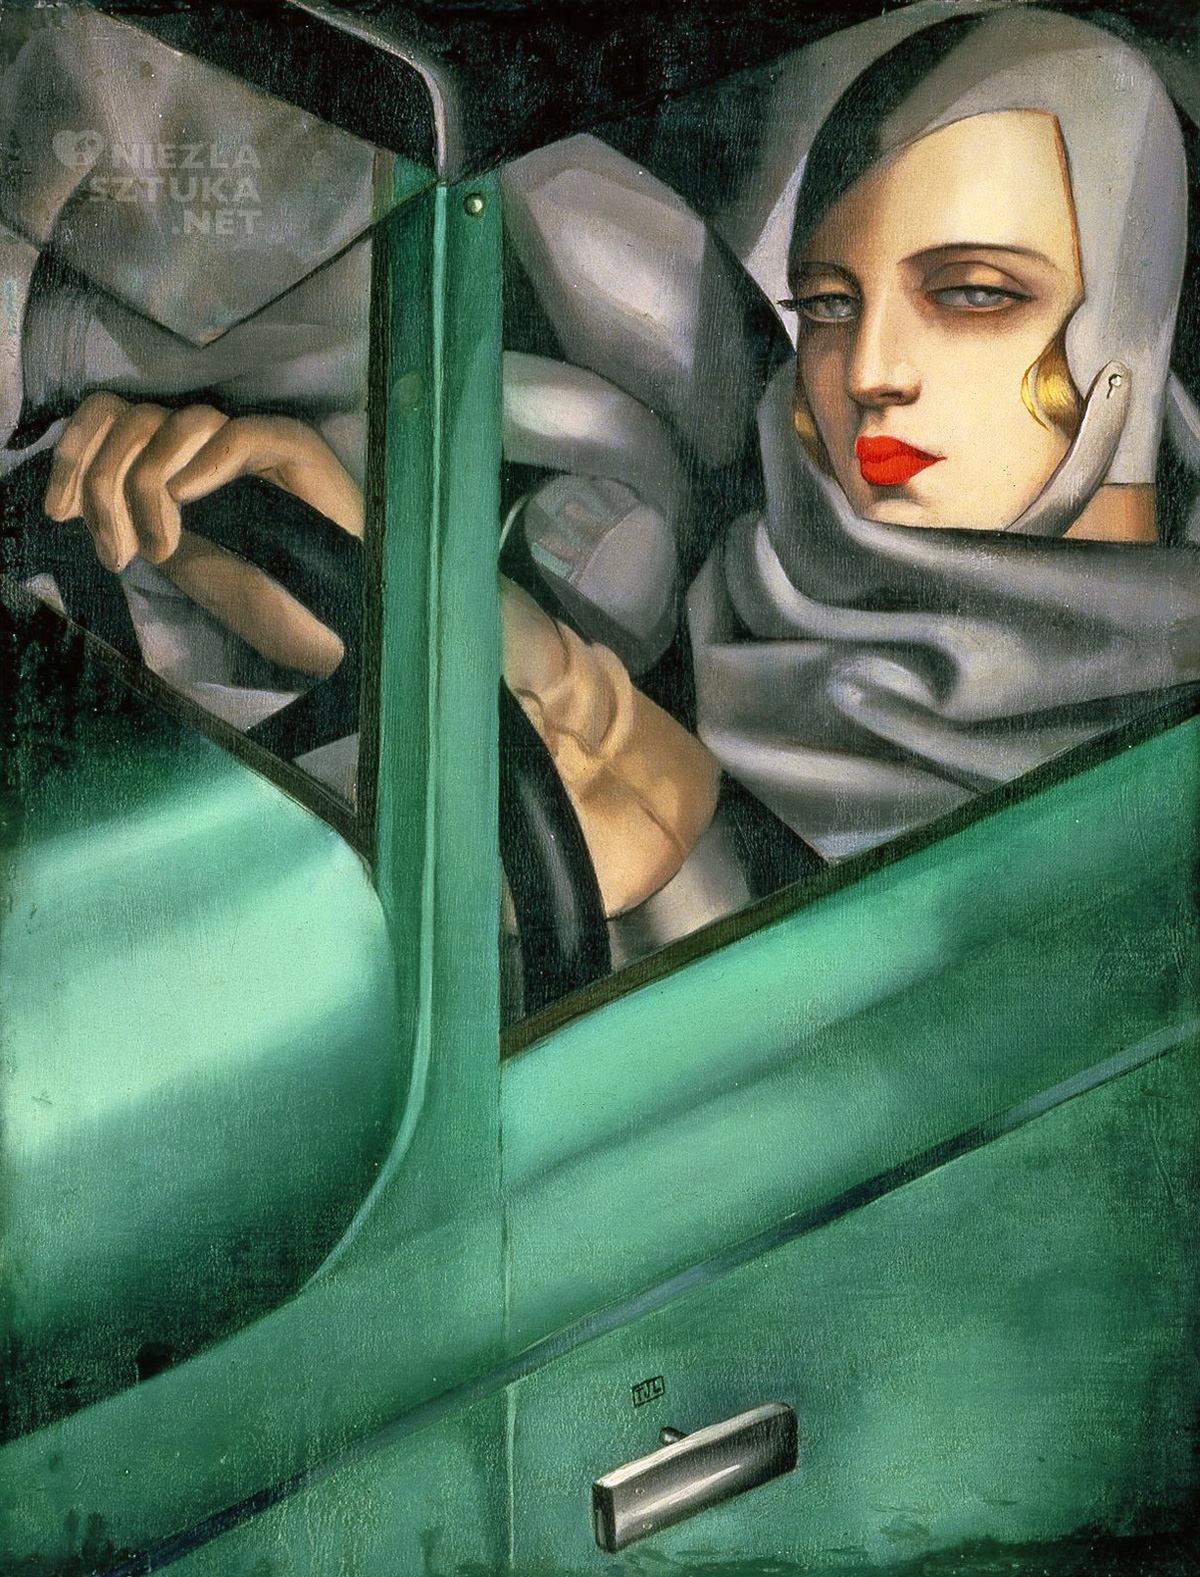 Tamara Łempicka, Autoportret w zielonym bugatti, kobiety w sztuce, art deco, Tamara de Lempicka,Niezła Sztuka